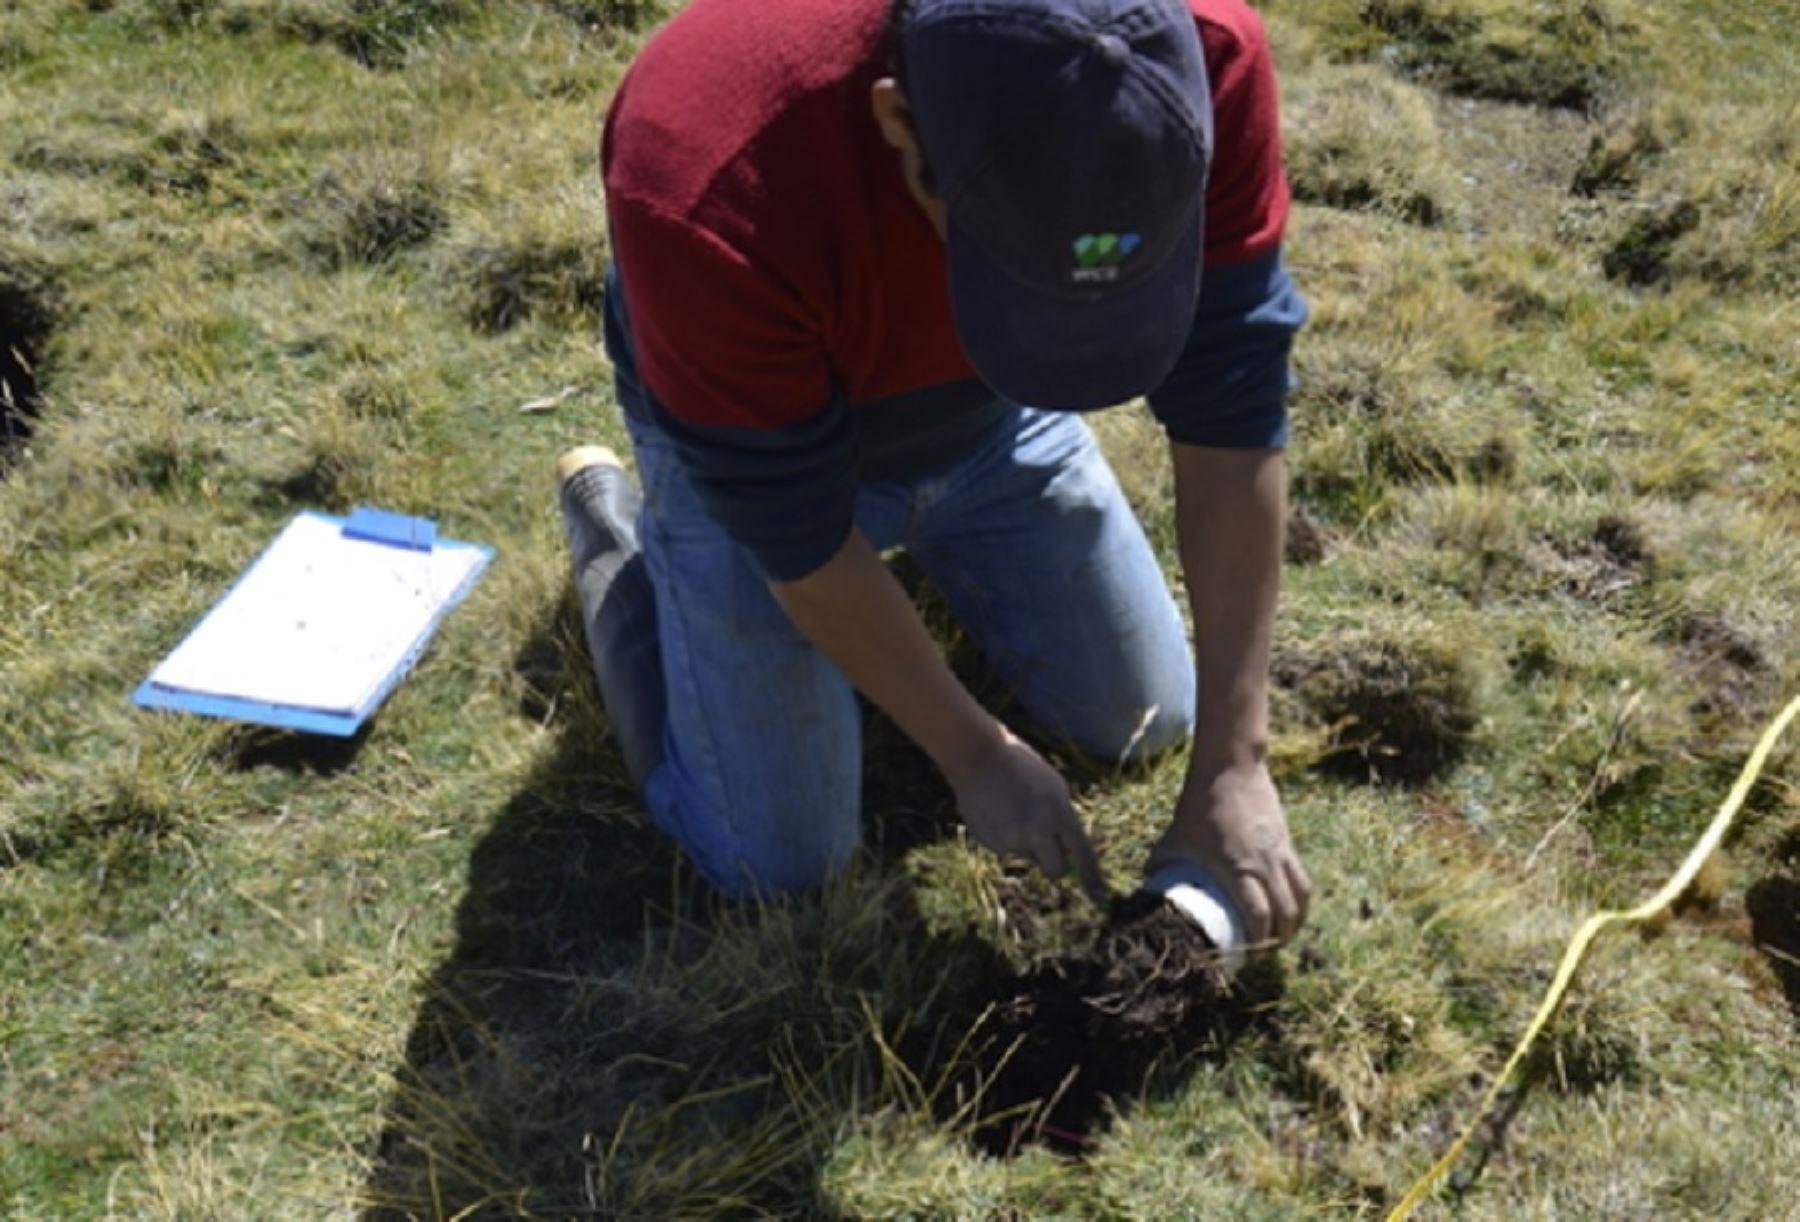 Una investigación del Instituto Nacional de Investigación en Glaciares y Ecosistemas de Montañas (Inaigem), entidad adscrita al Ministerio del Ambiente (Minam), identificó tres especies vegetales con capacidad para remediar la contaminación de agua y suelos por metales en los nevados de la región Áncash.